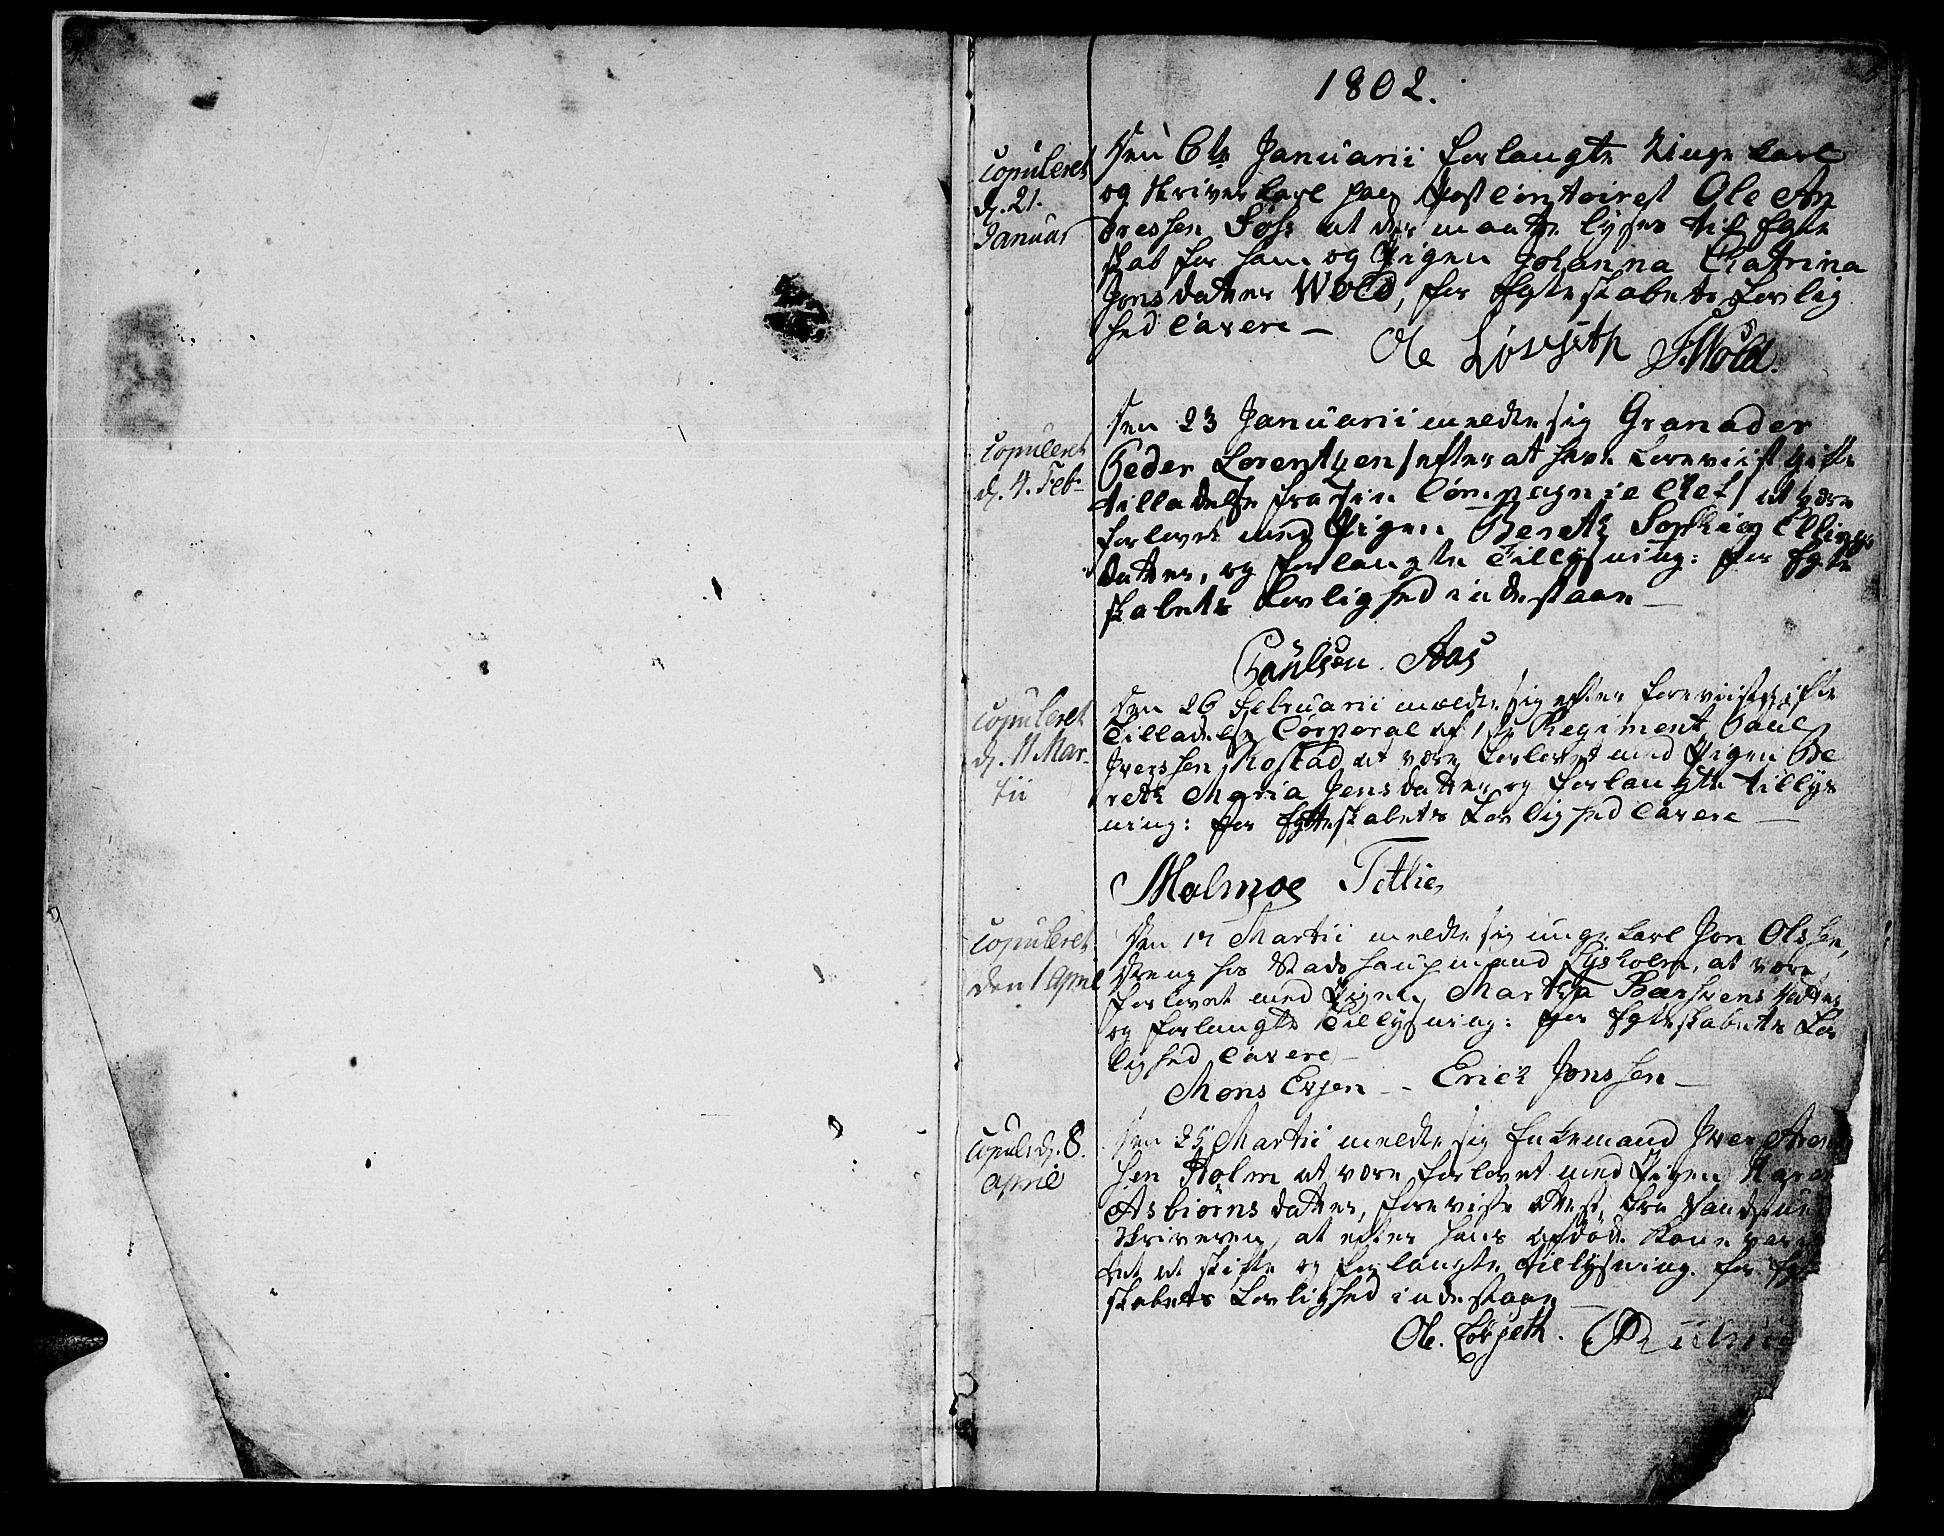 SAT, Ministerialprotokoller, klokkerbøker og fødselsregistre - Sør-Trøndelag, 601/L0042: Ministerialbok nr. 601A10, 1802-1830, s. 4-5